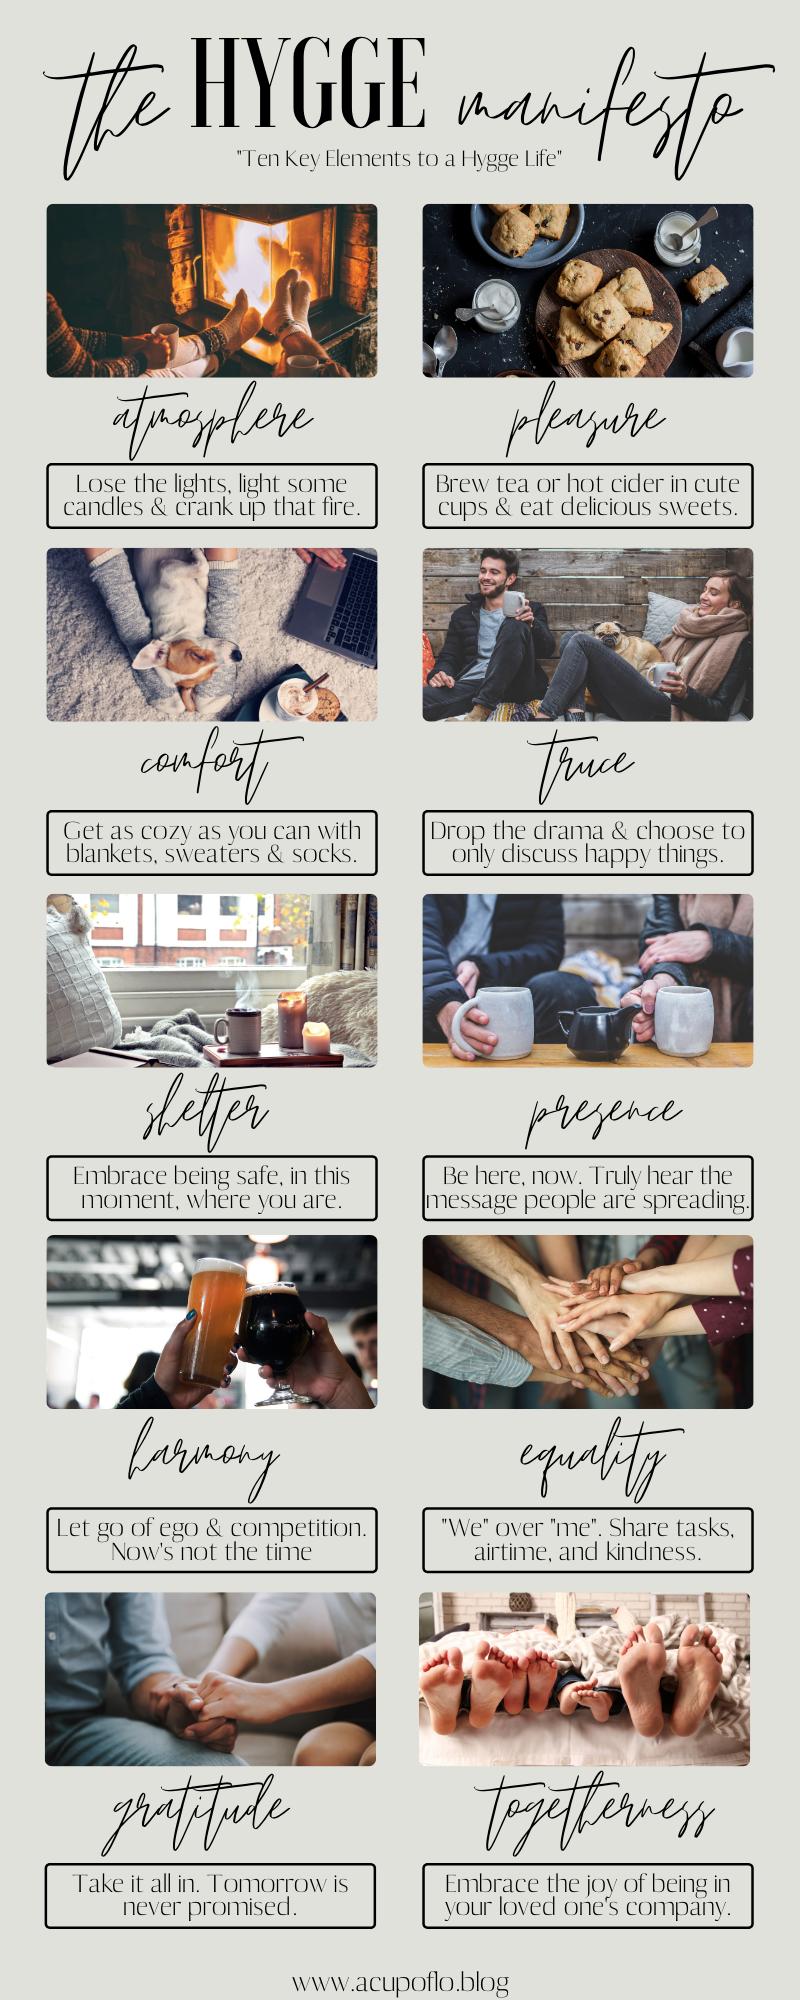 The Hygge Manifesto Ten Key Elements to a Hygge Life